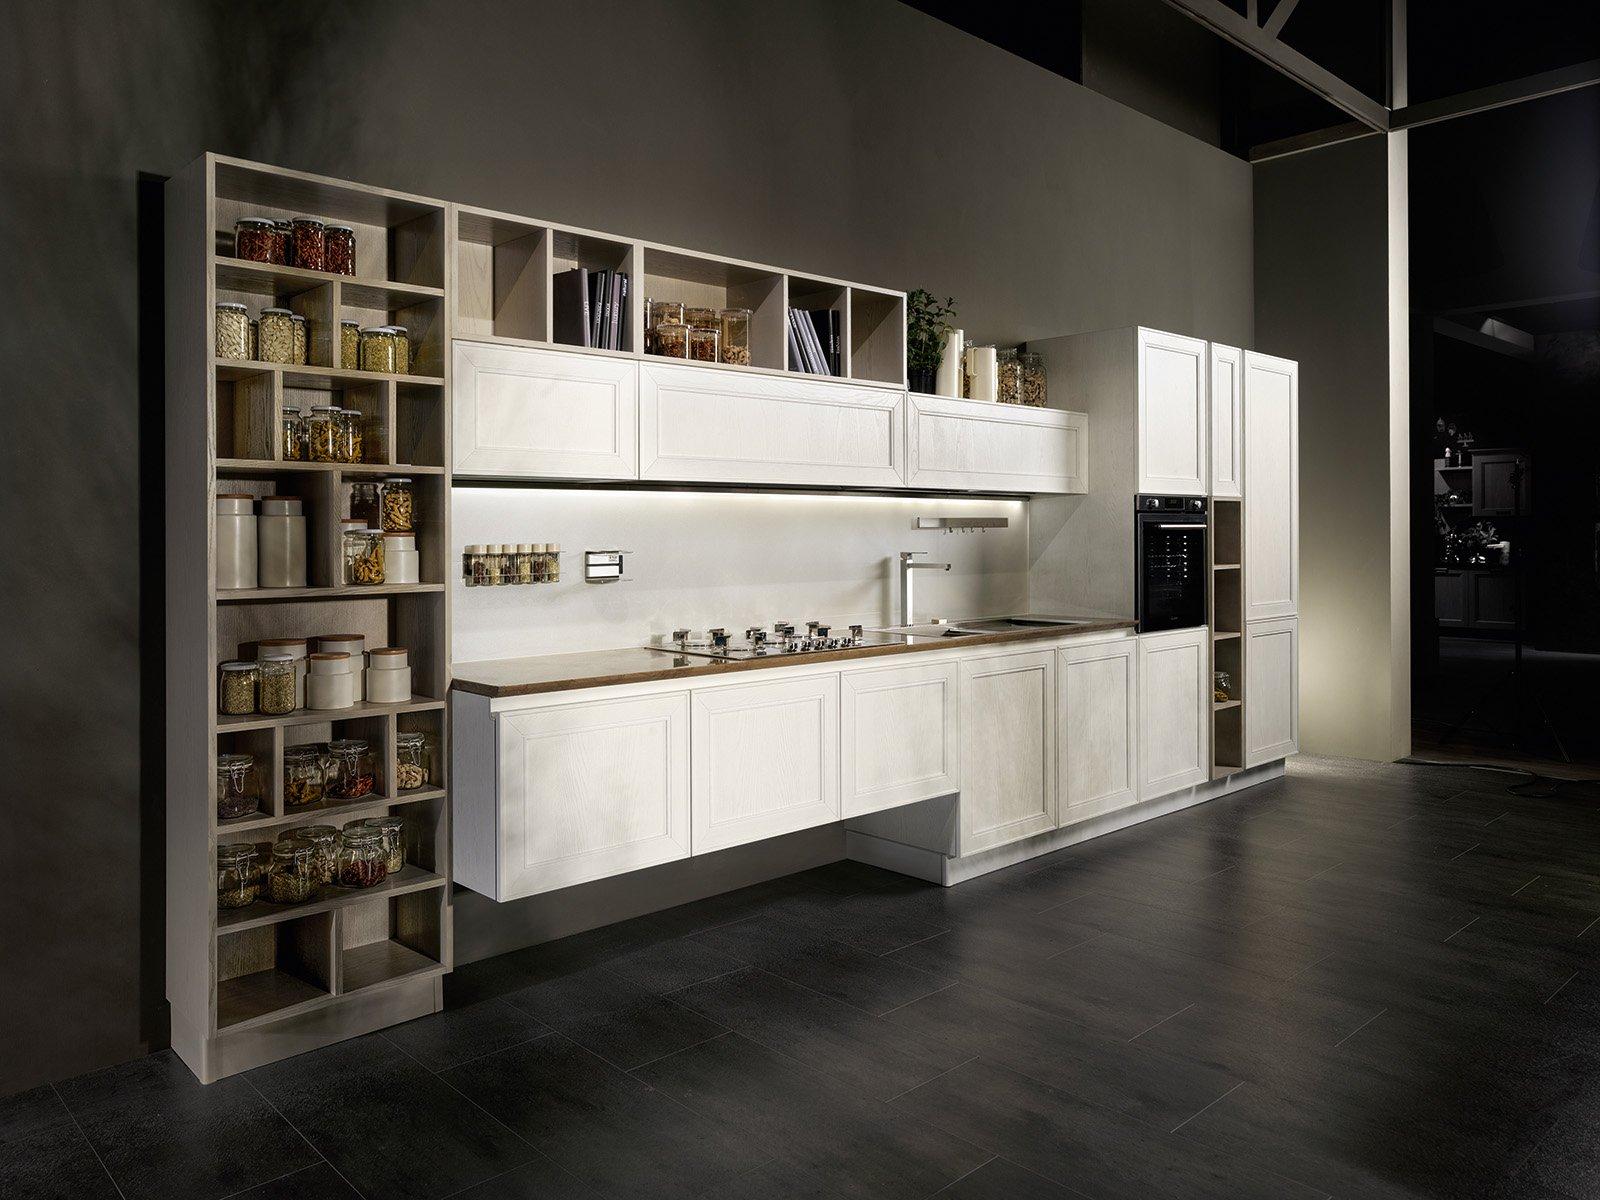 In cucina i vani a giorno fanno tendenza cose di casa for Accessori da parete cucina